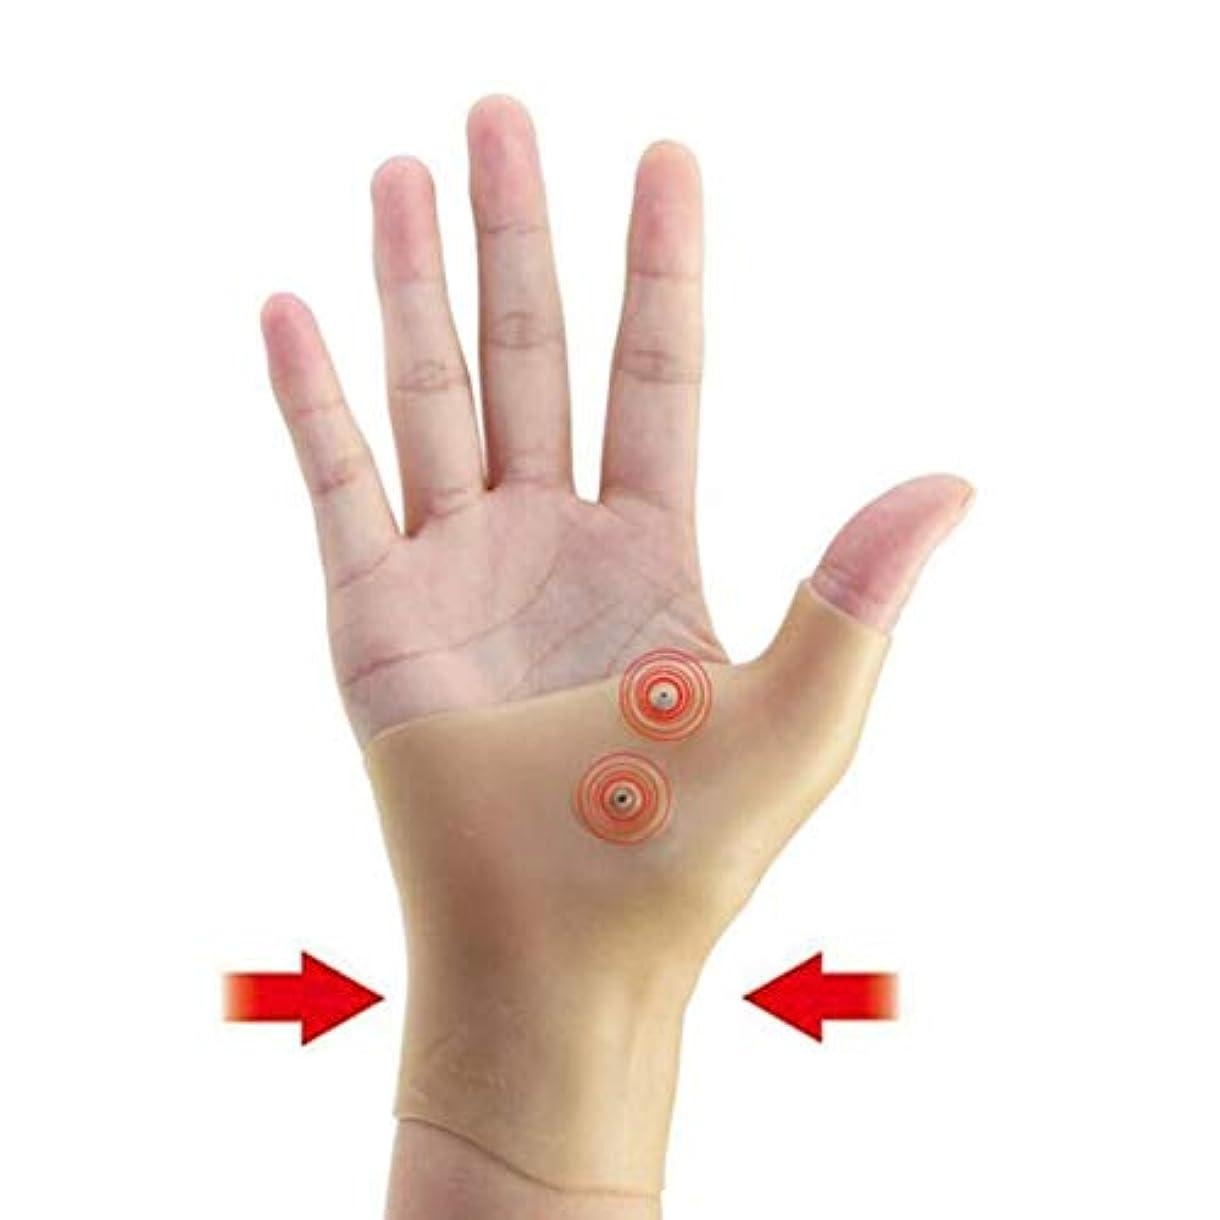 無駄に困難船上磁気療法手首手親指サポート手袋シリコーンゲル関節炎圧力矯正器マッサージ痛み緩和手袋 - 肌の色